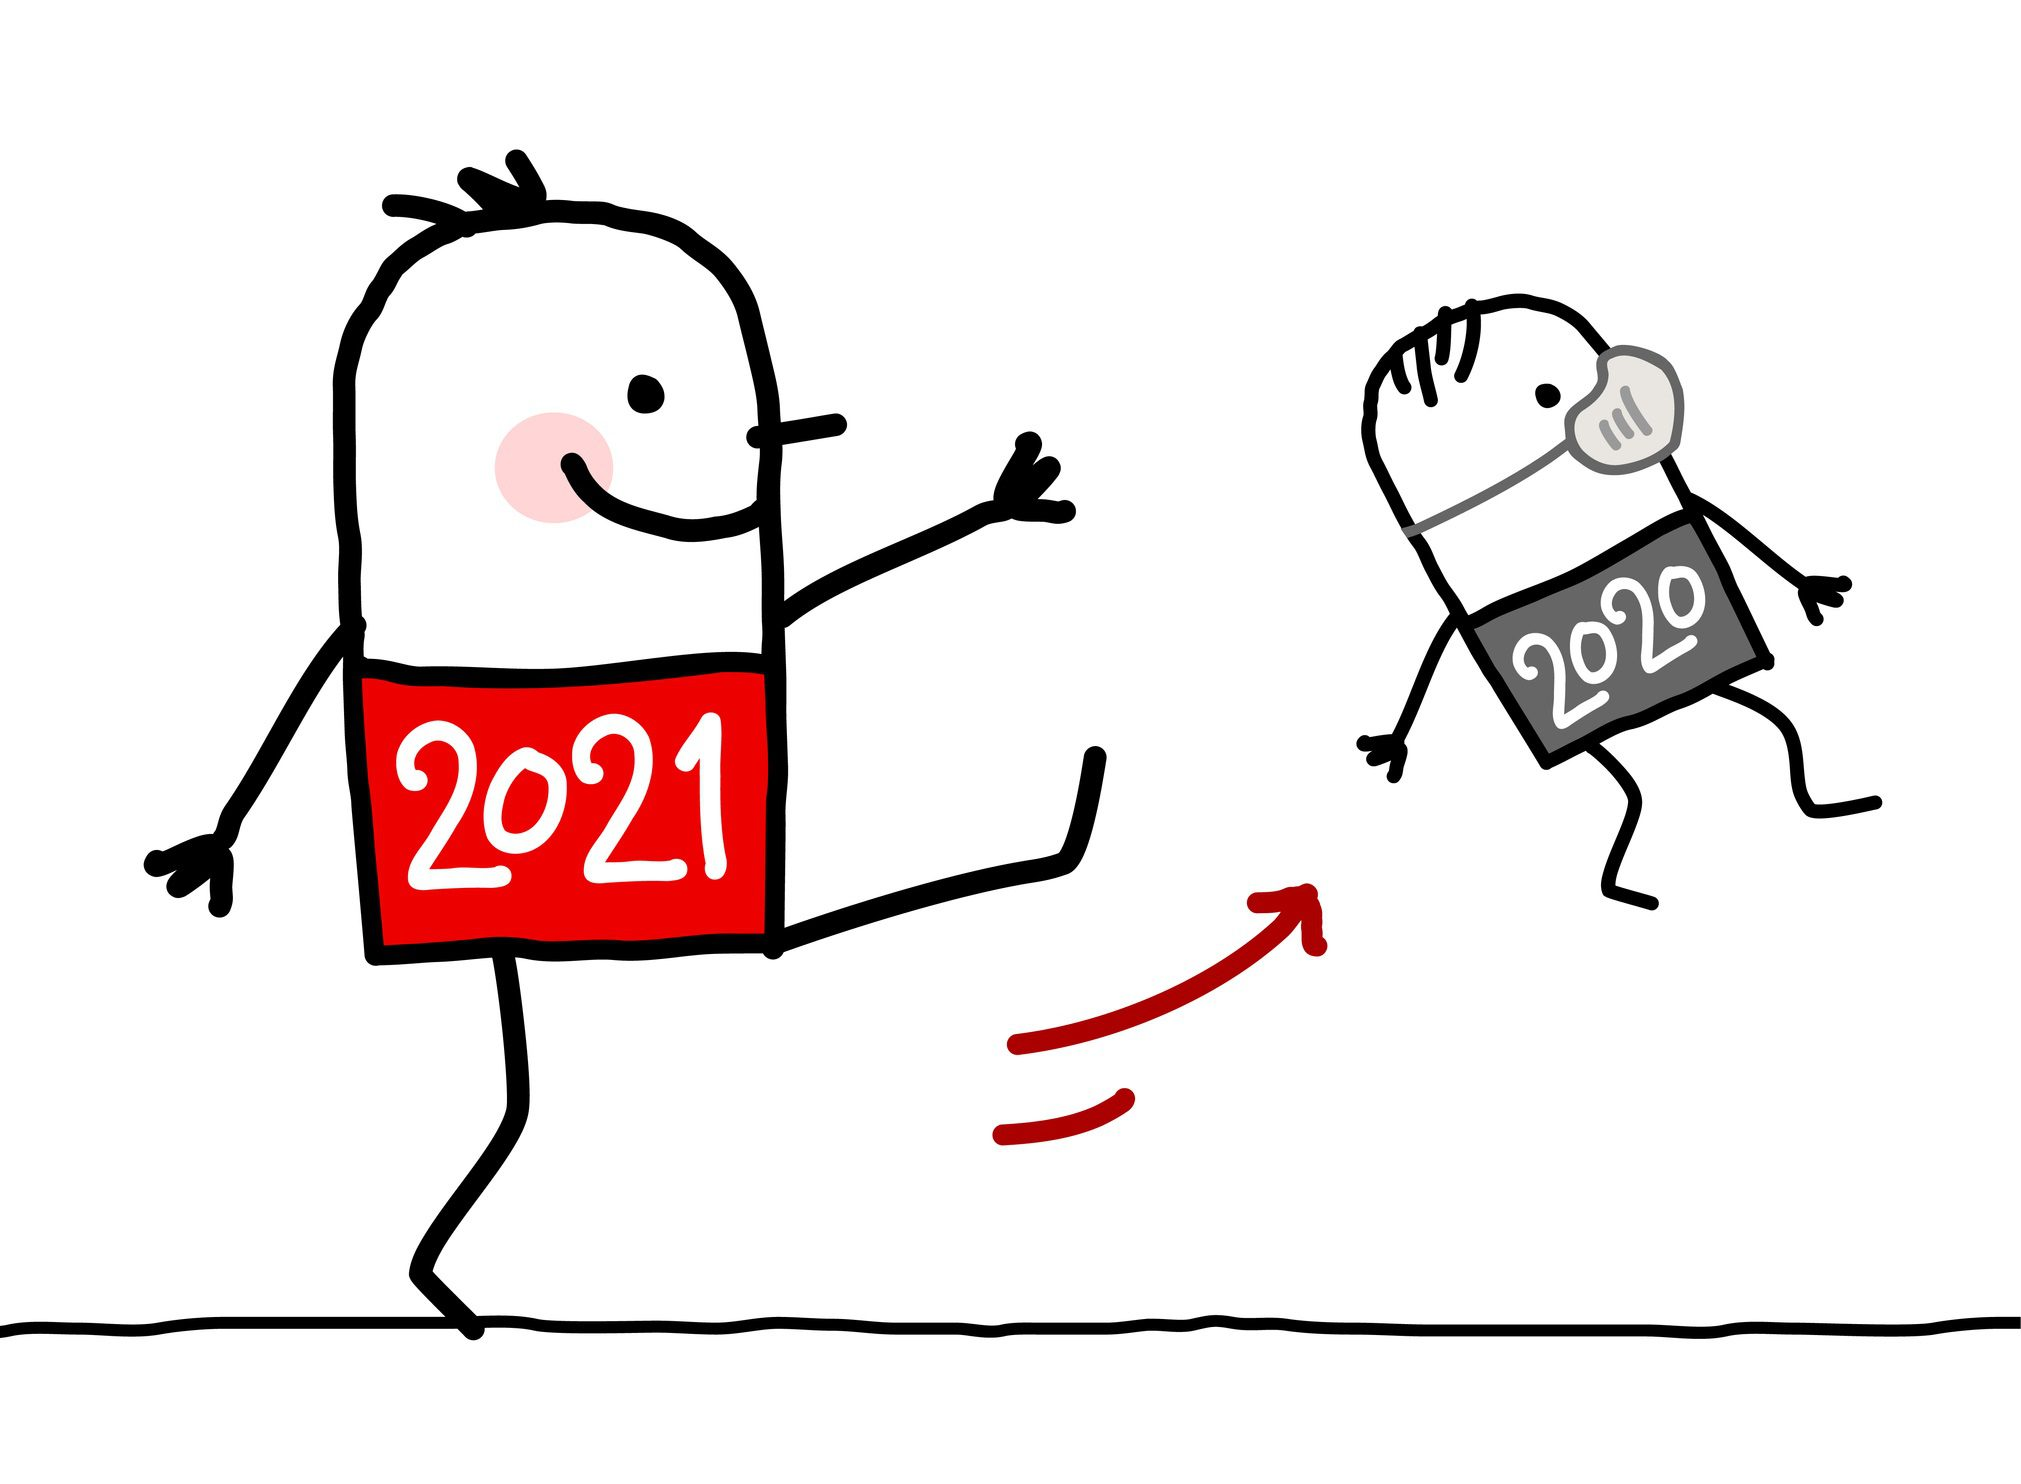 cartoon figure 2021 kicking cartoon figure 2020 with mask